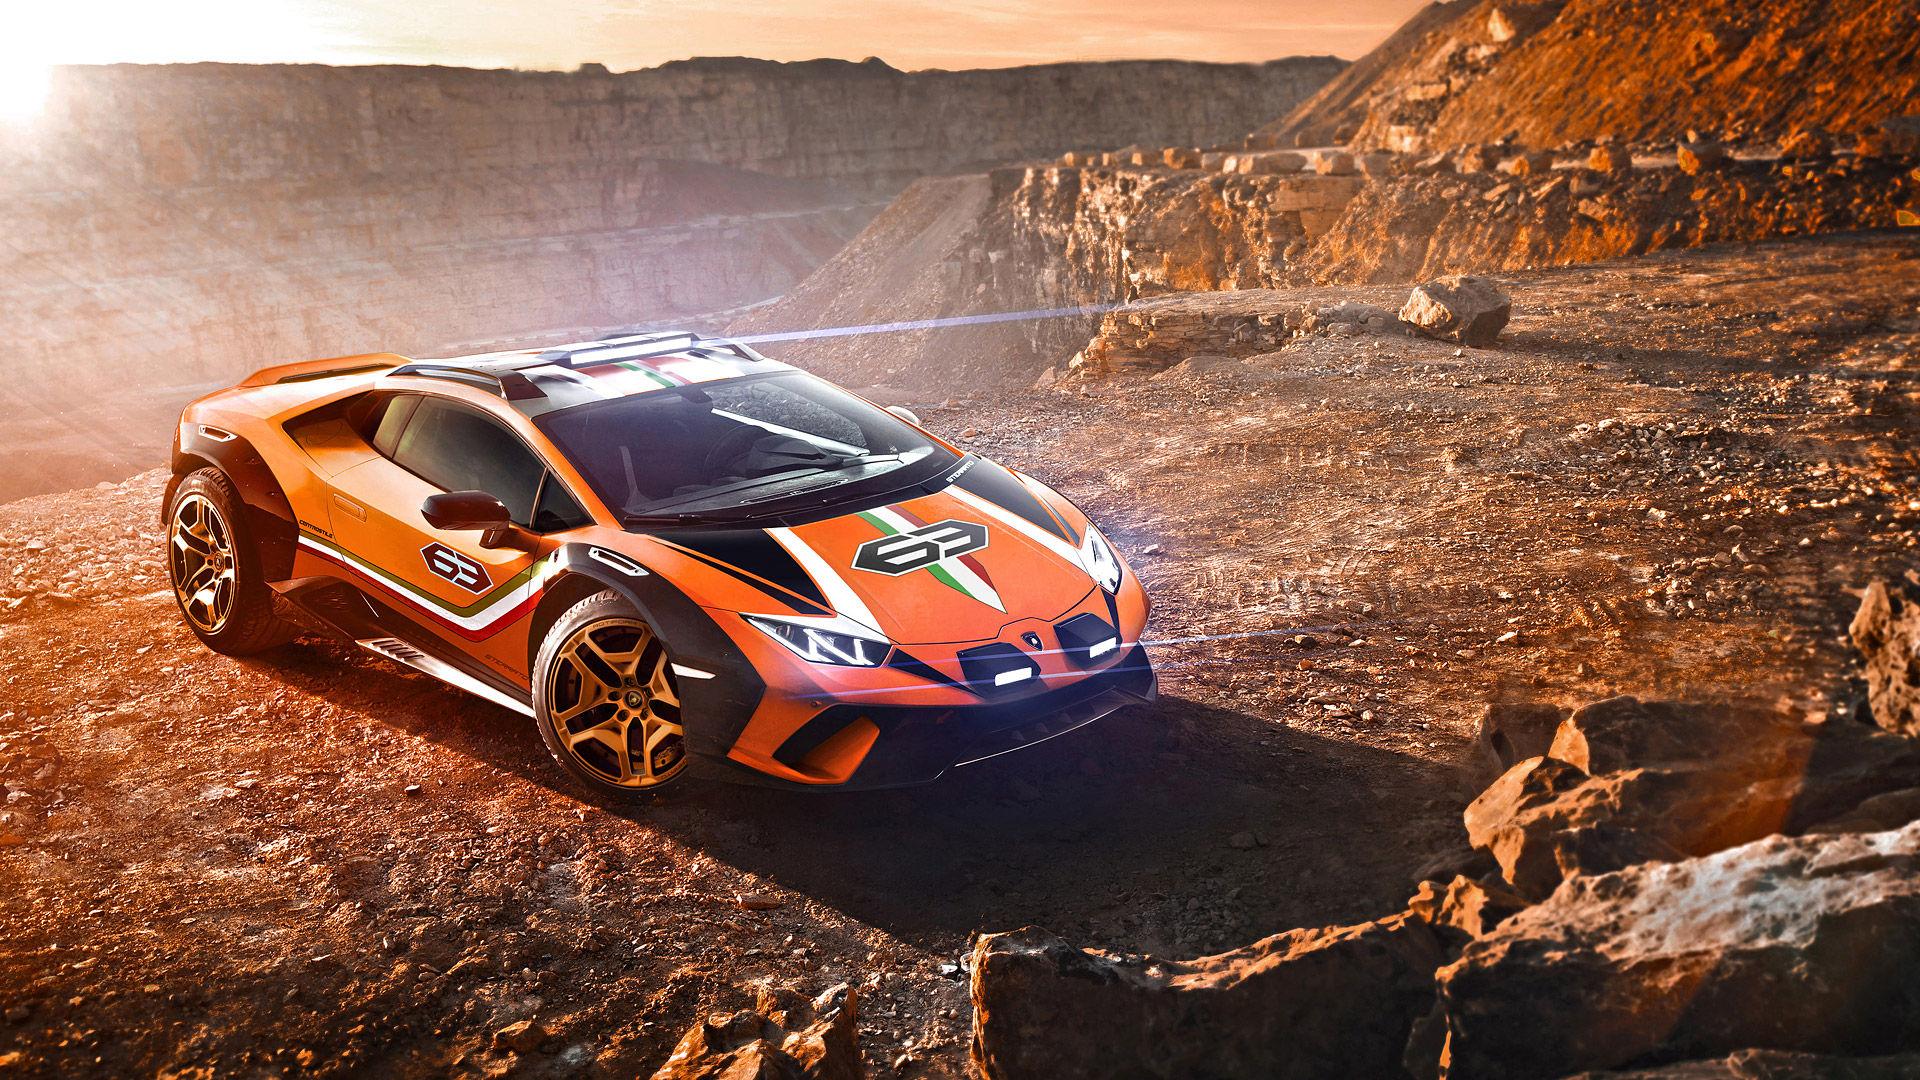 2019 Lamborghini Huracan Sterrato Concept